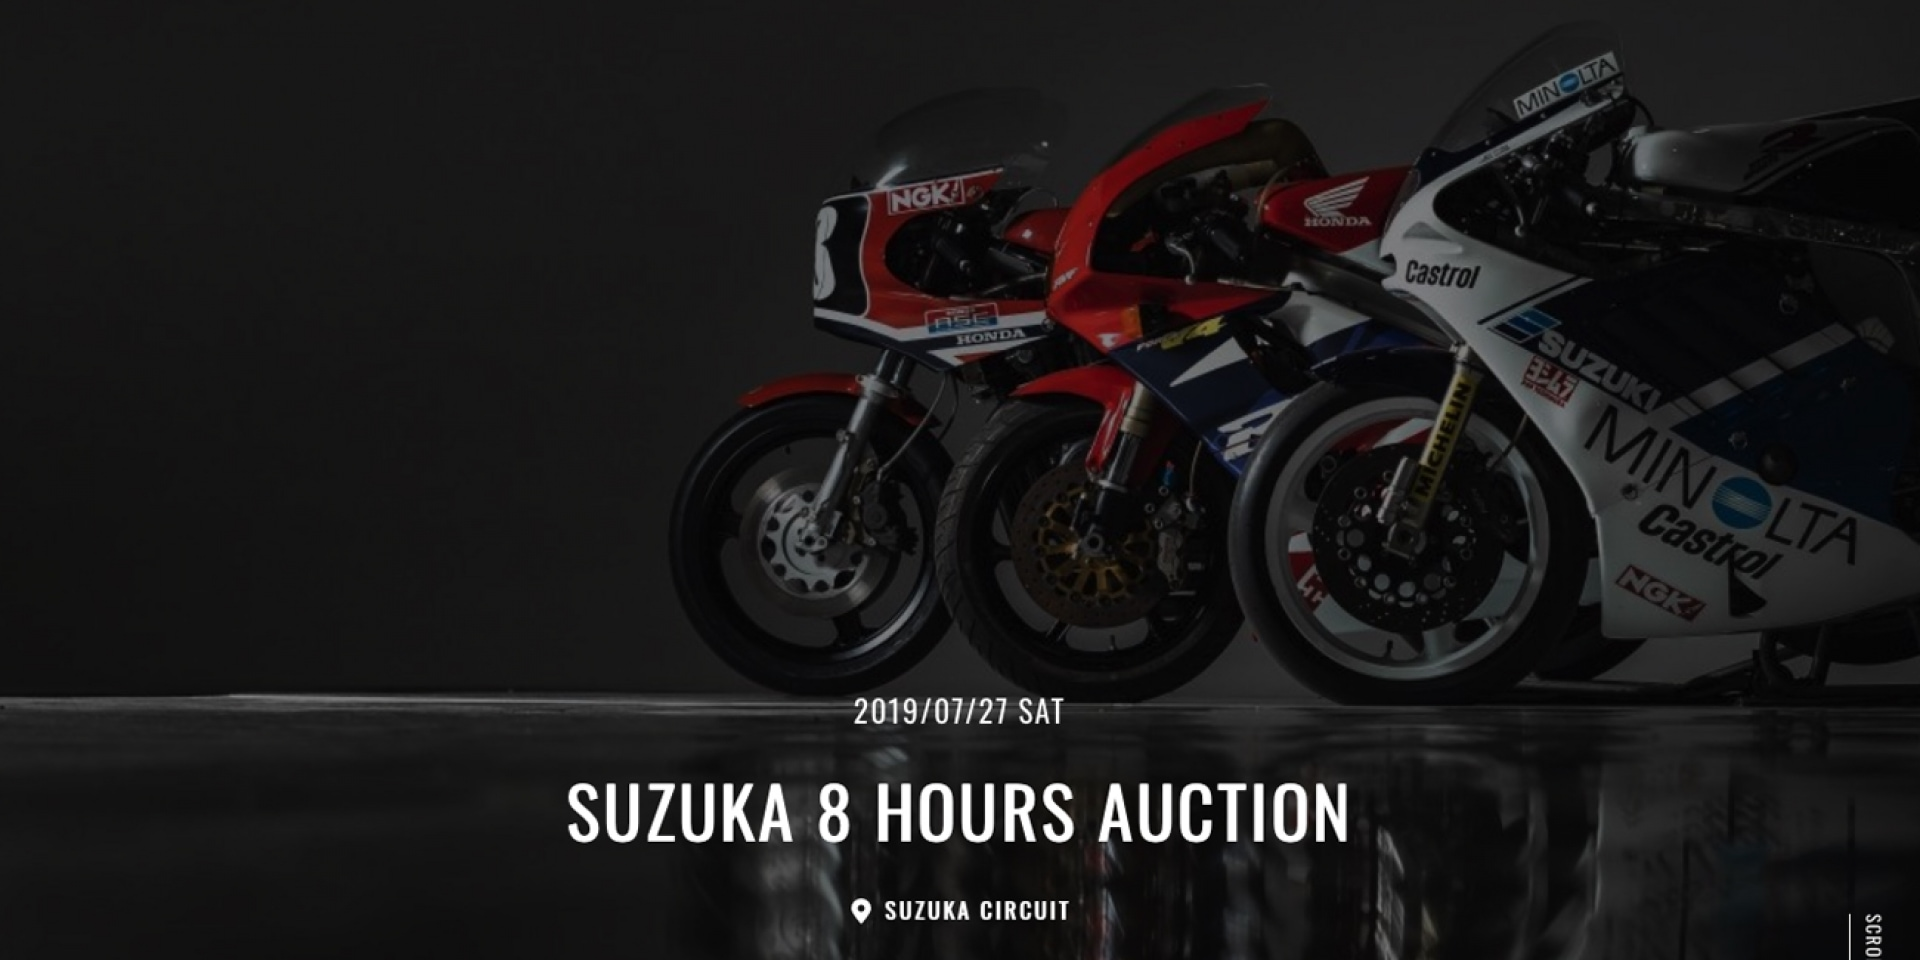 老車控、收藏家照過來!Best Heritage Japan鈴鹿8耐賽拍賣會